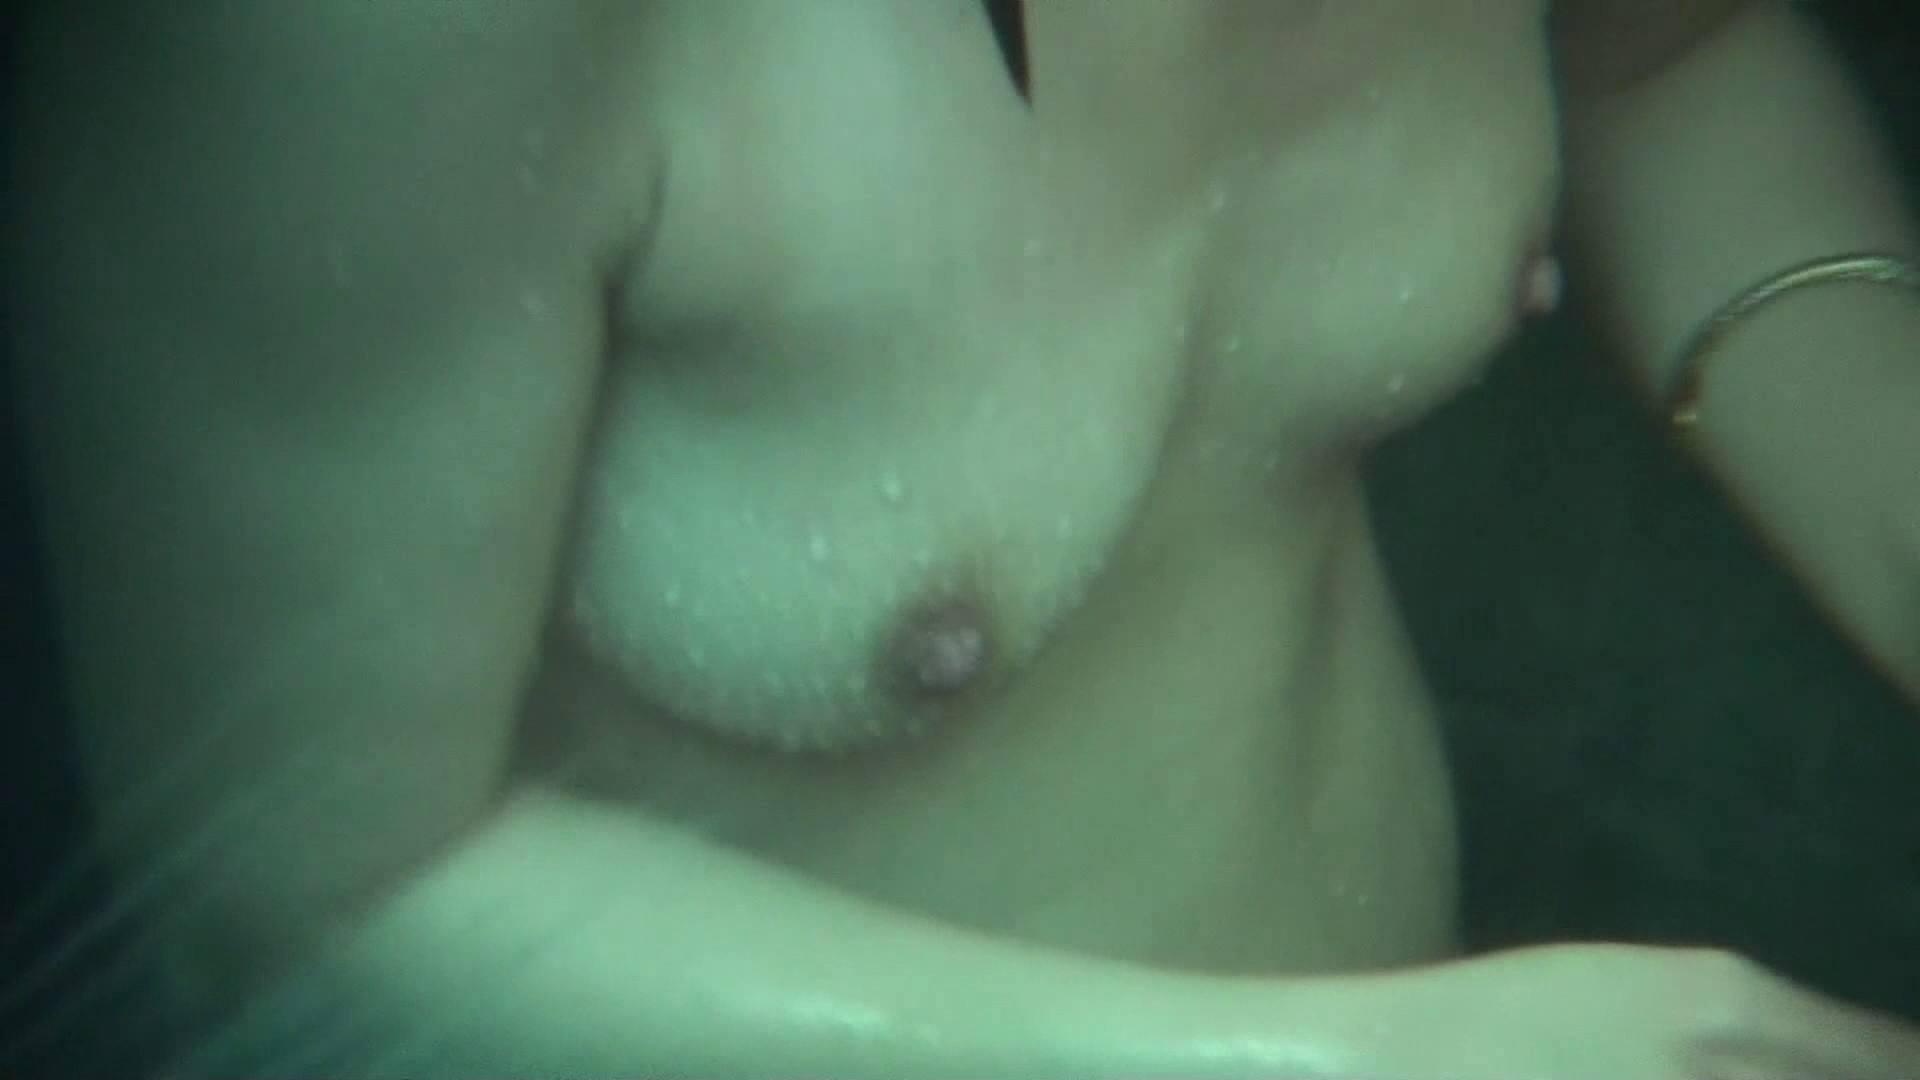 無料アダルト動画:Vol.12 女性の性器には予想外の砂が混入しているようです。:怪盗ジョーカー